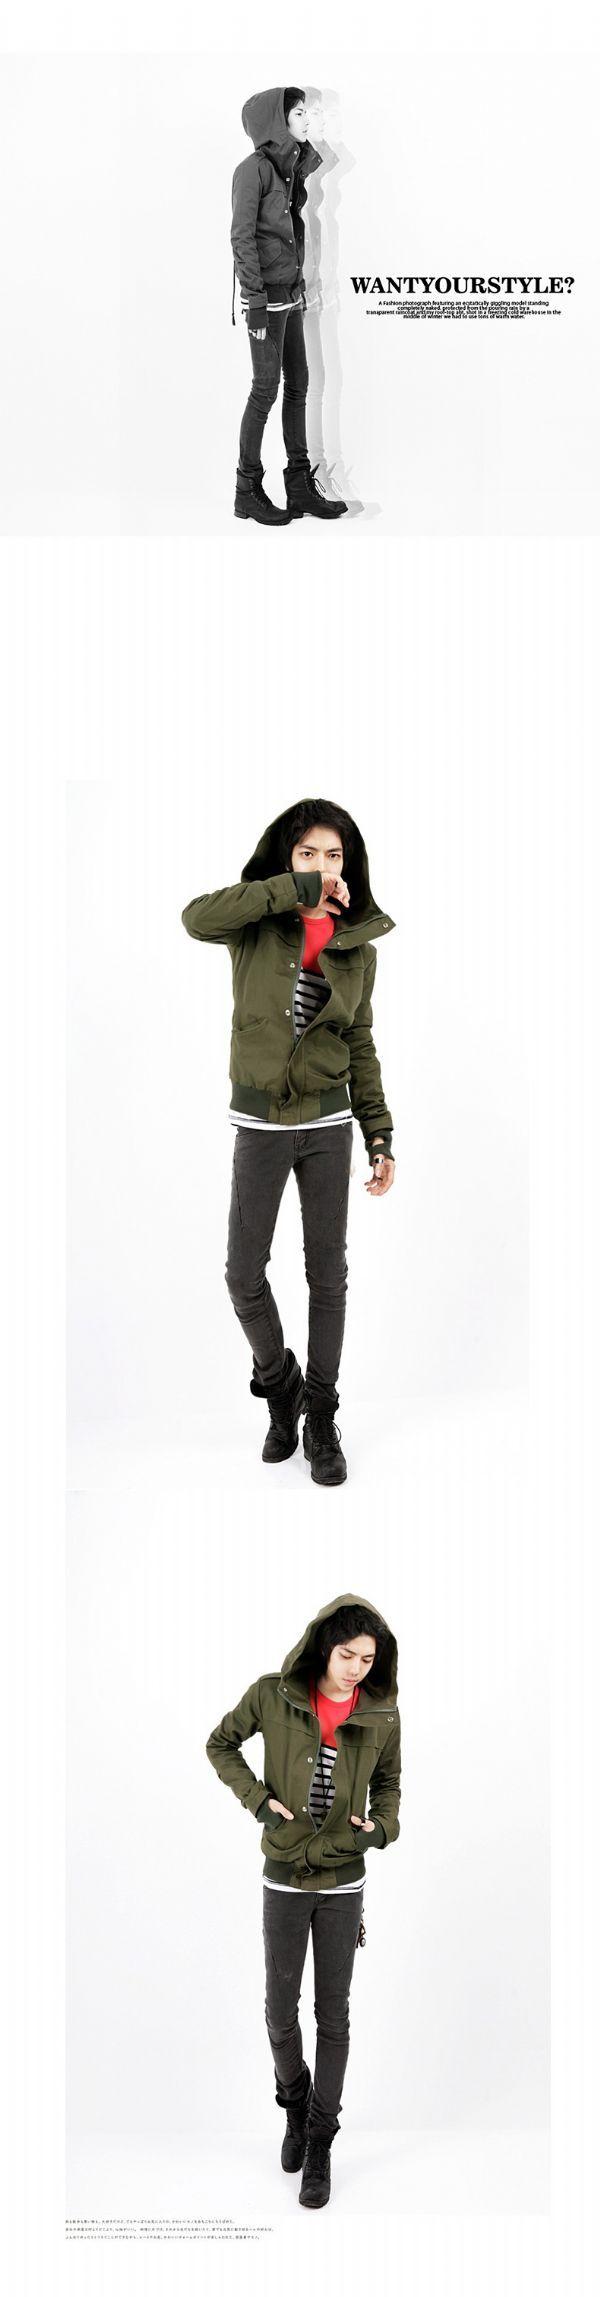 เสื้อกันหนาวผุ้ชายพร้อมส่ง : แจ๊คเก็ต hood + glove